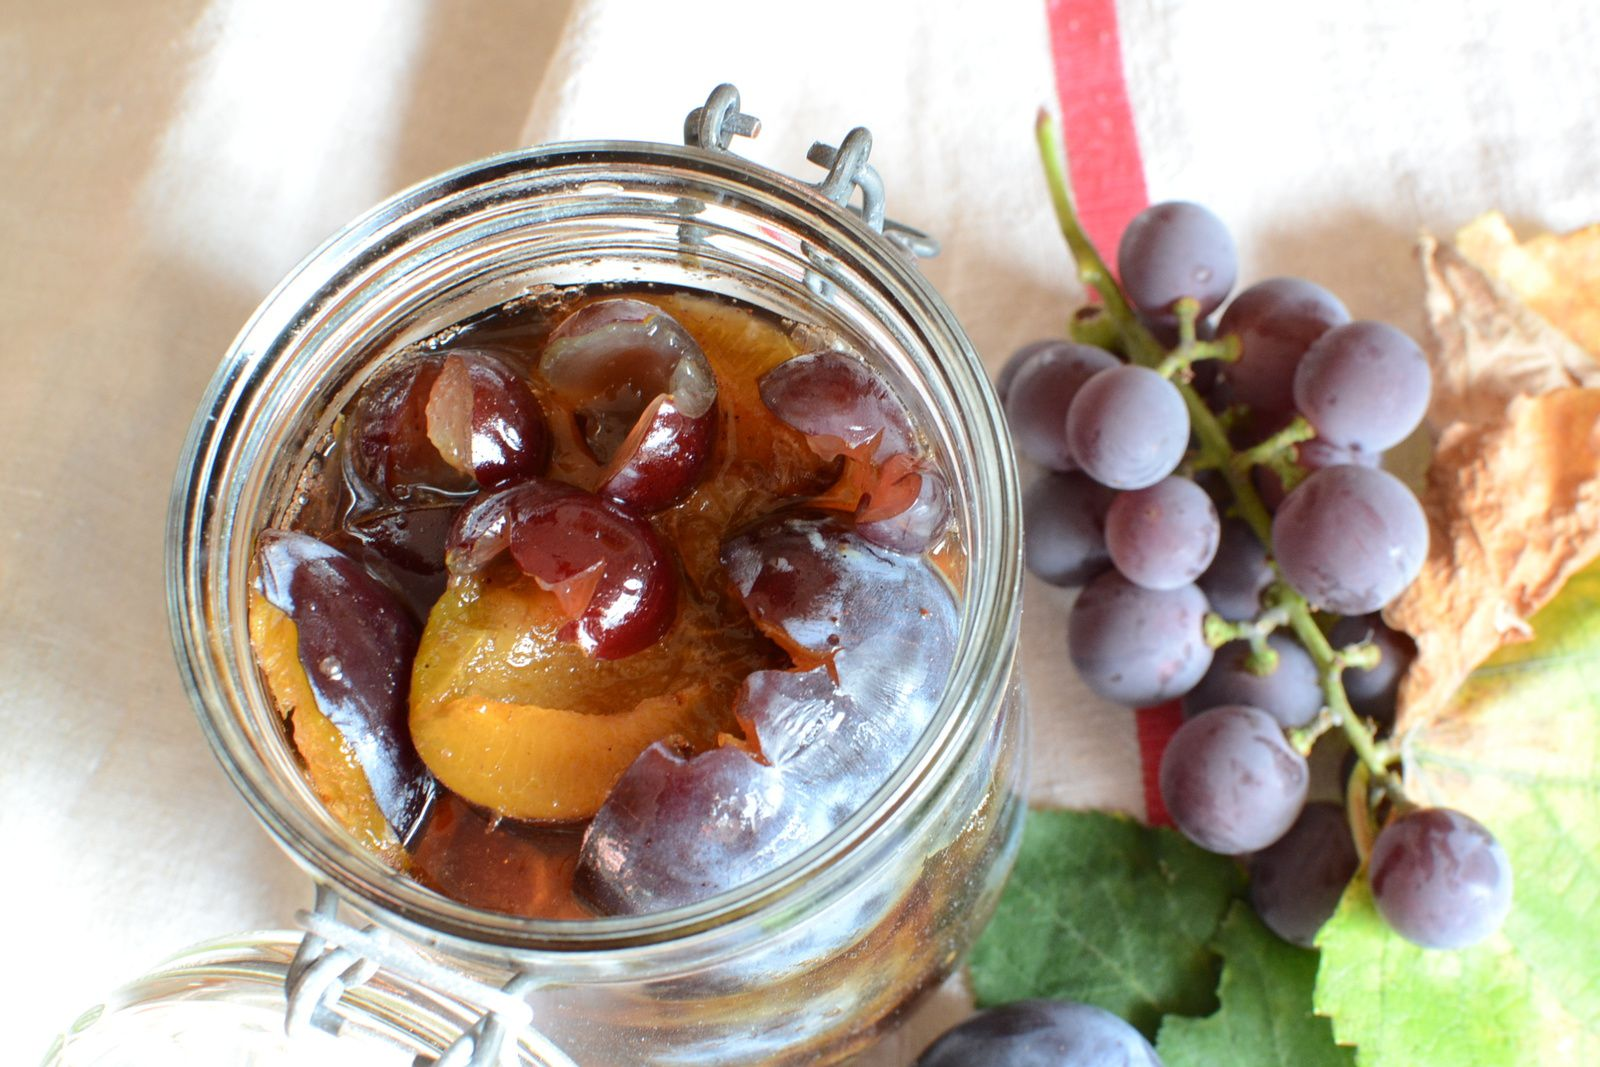 Bocaux de quetsches et raisins au sirop à la cannelle